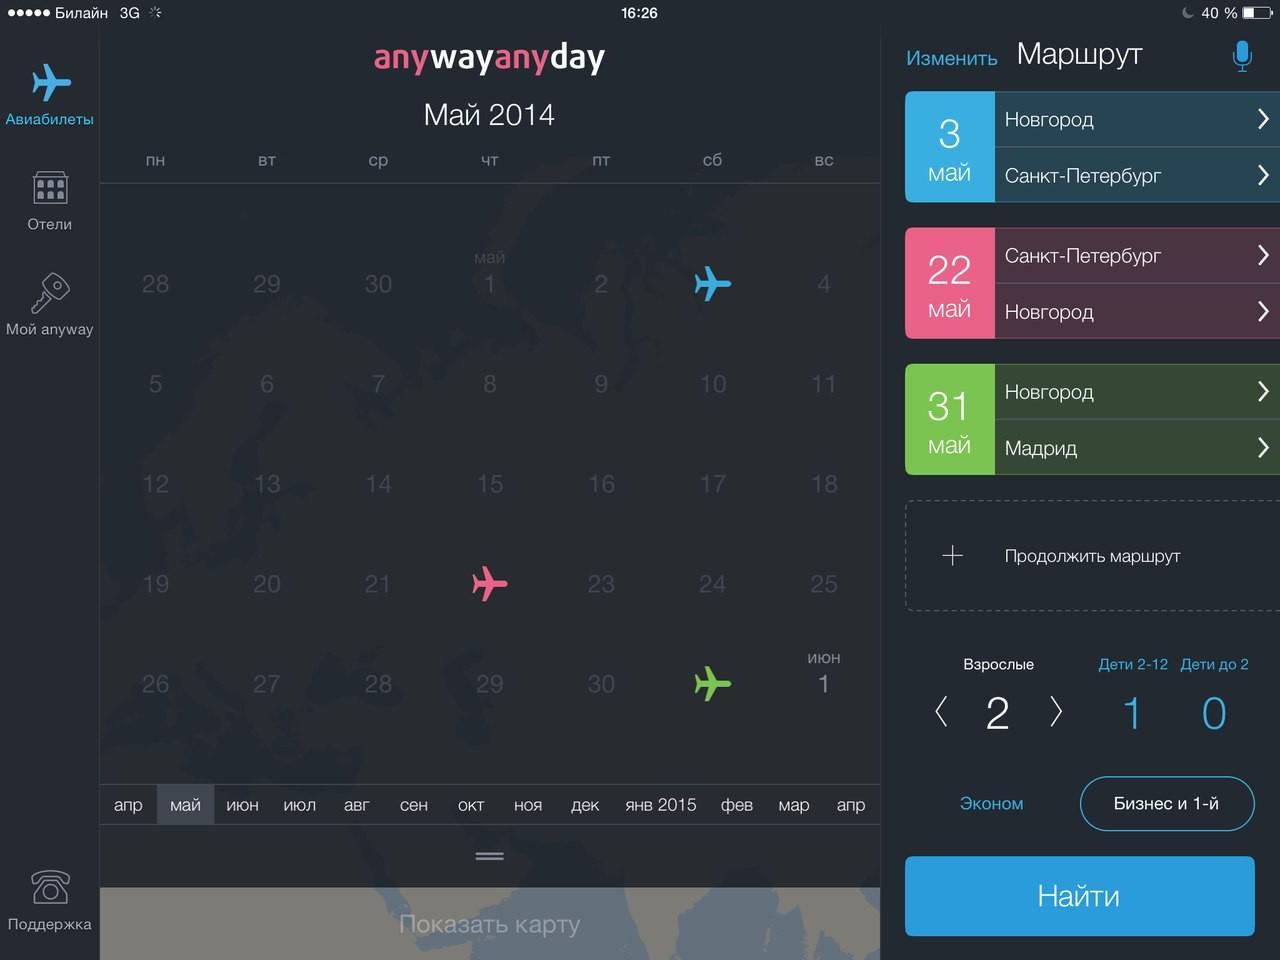 Программа для заказа билетов на самолеты для iPhone и iPad: Anywayanyday